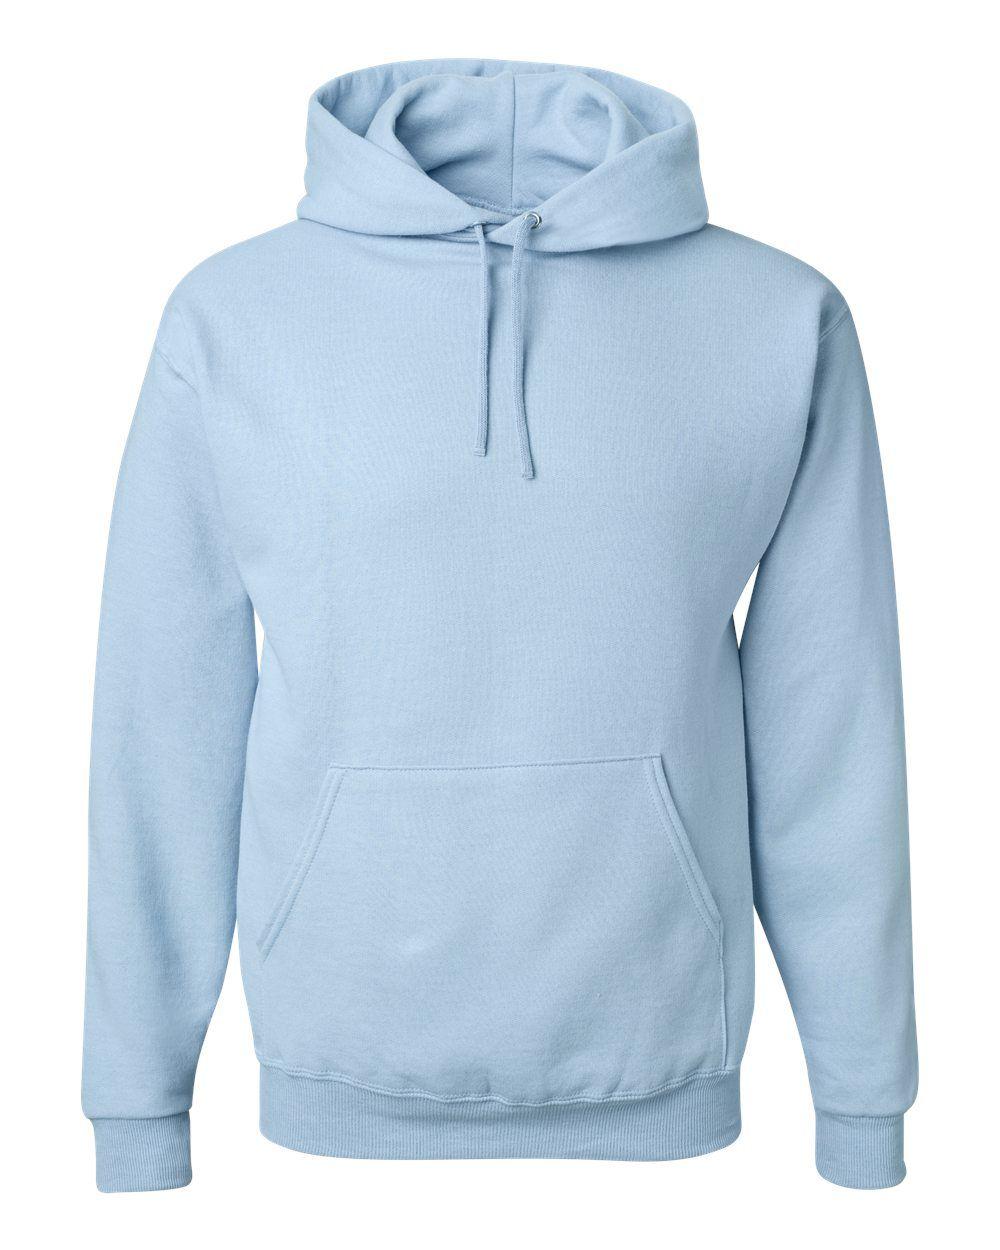 Jerzees Nublend Hooded Sweatshirt 996mr In 2021 Hooded Sweatshirts Sweatshirts Mens Sweatshirts [ 1250 x 1000 Pixel ]